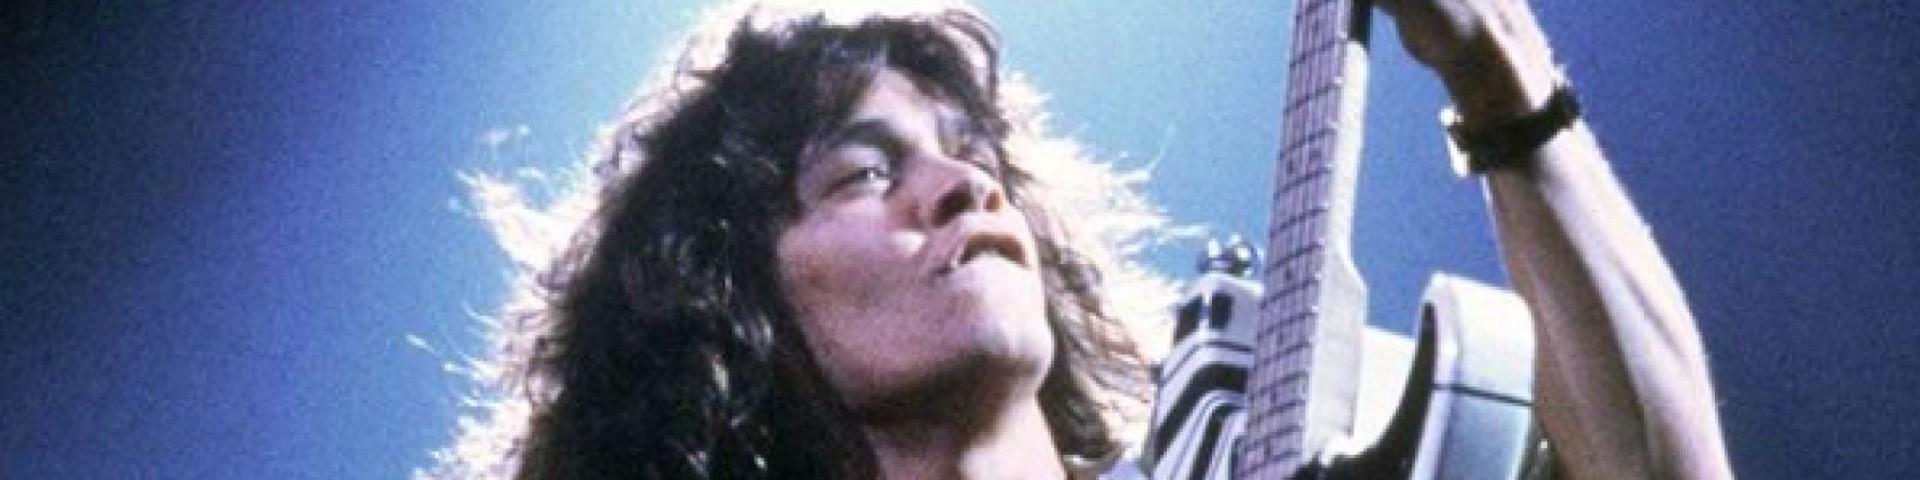 Eddie van Halen, le 5 canzoni che hanno segnato l'epoca dell'hard rock